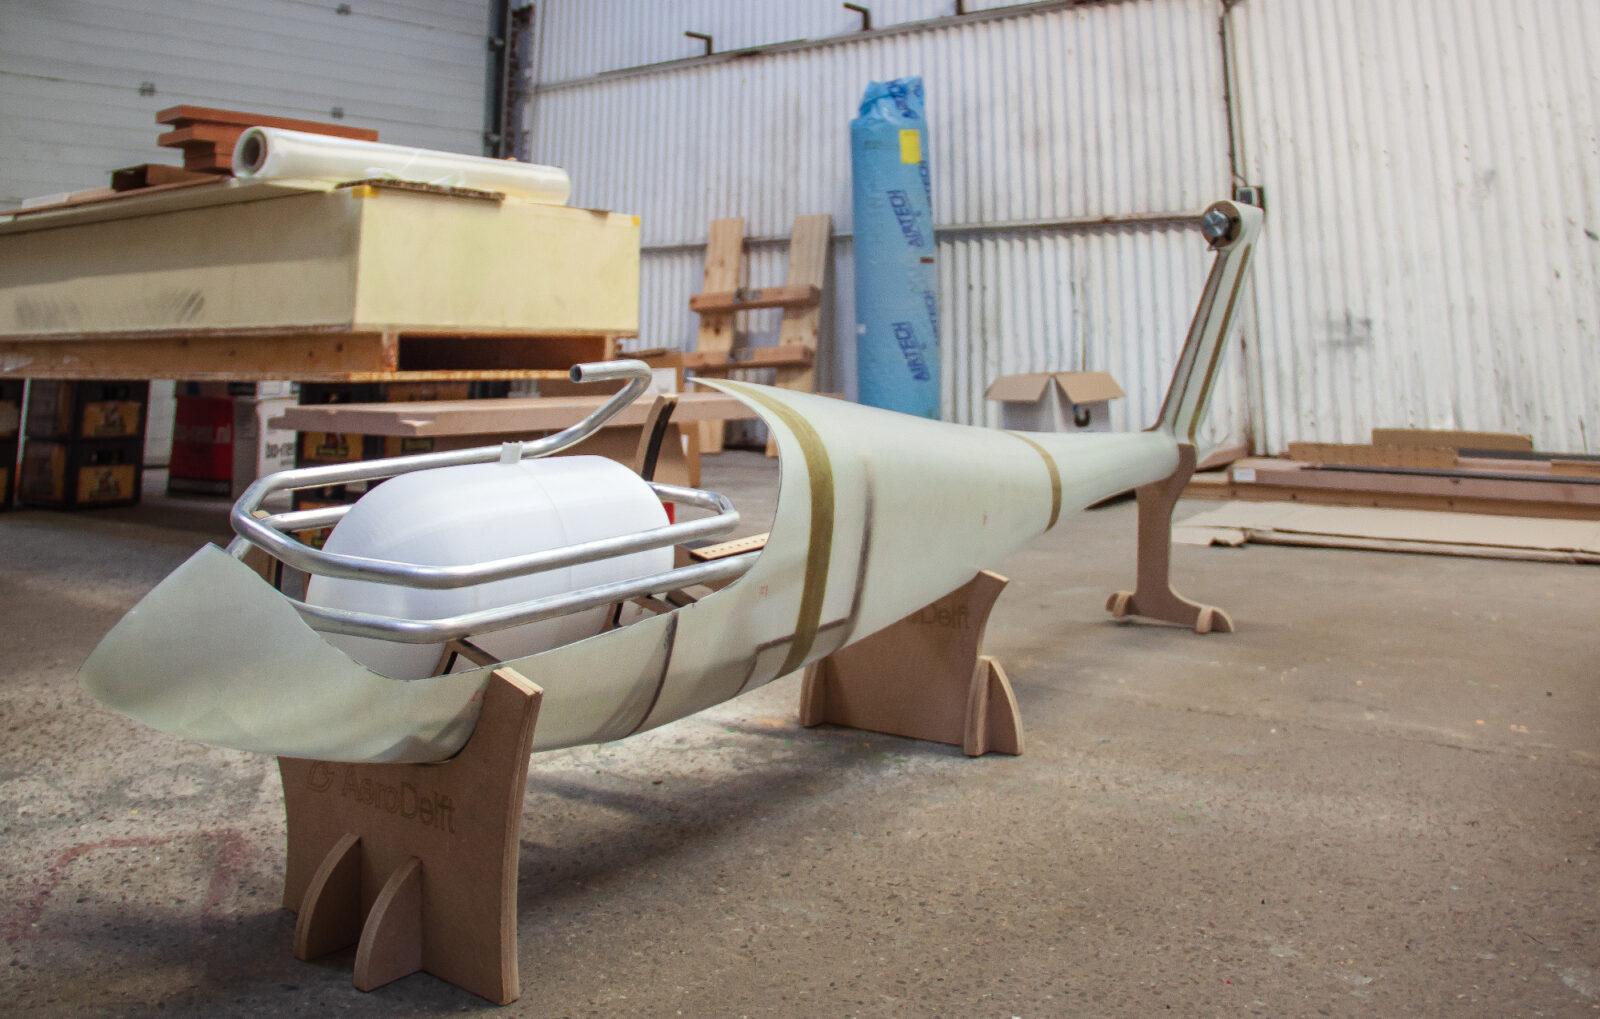 Aerodelft prototype